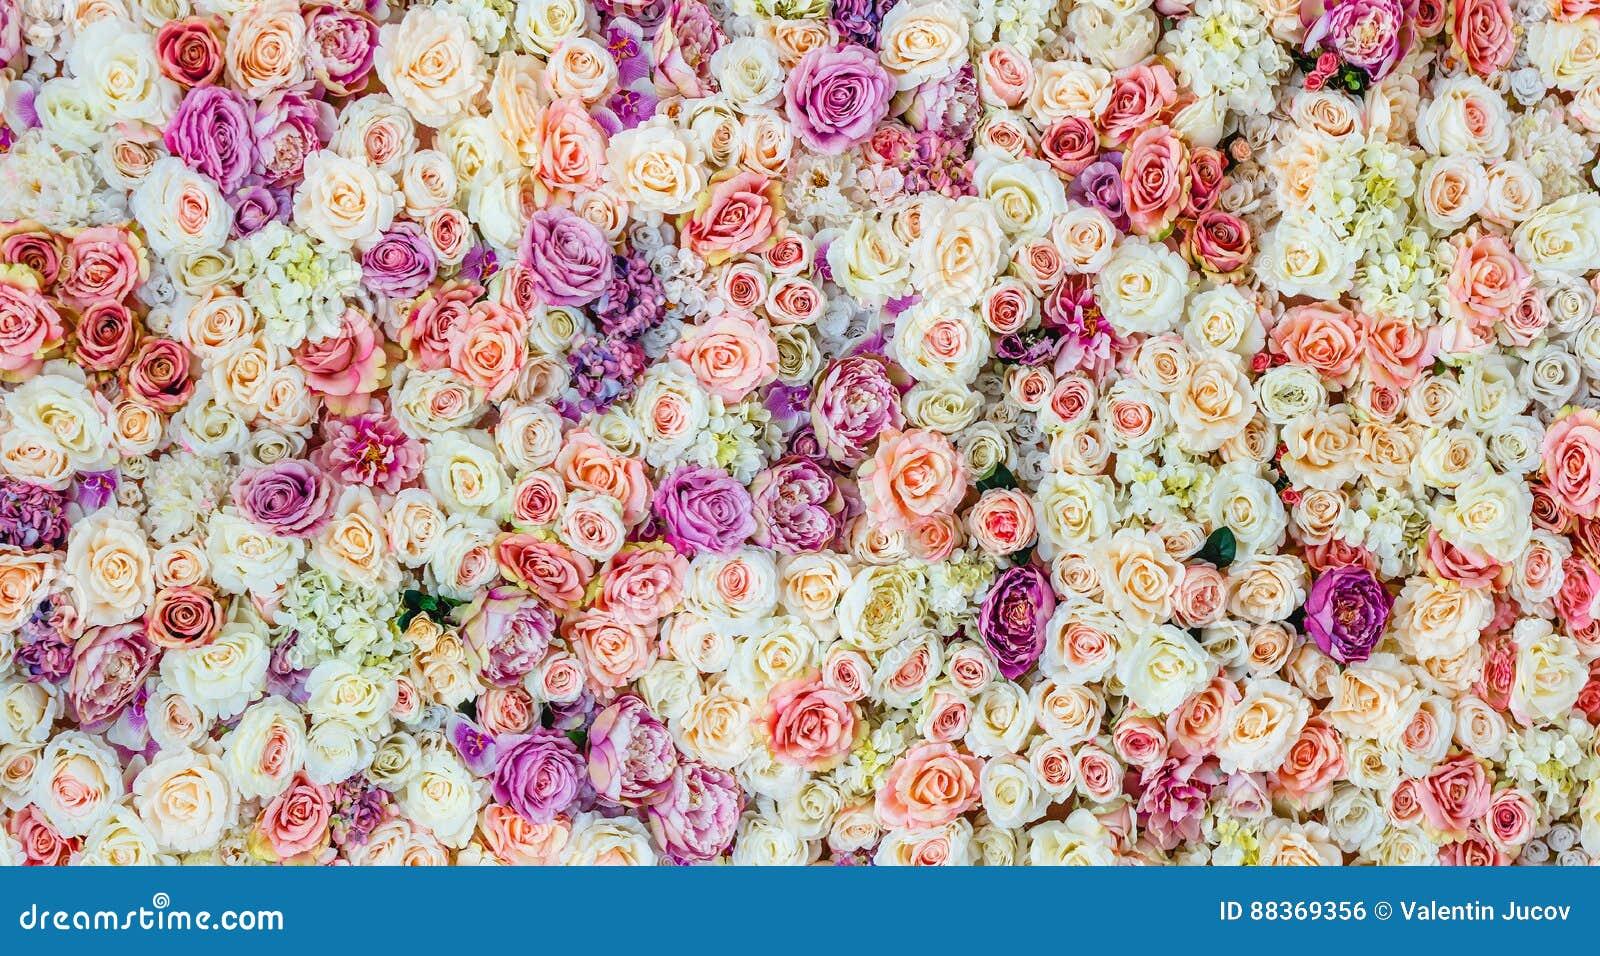 Ανθίζει το υπόβαθρο τοίχων με τα καταπληκτικά κόκκινα και άσπρα τριαντάφυλλα, γαμήλια διακόσμηση,